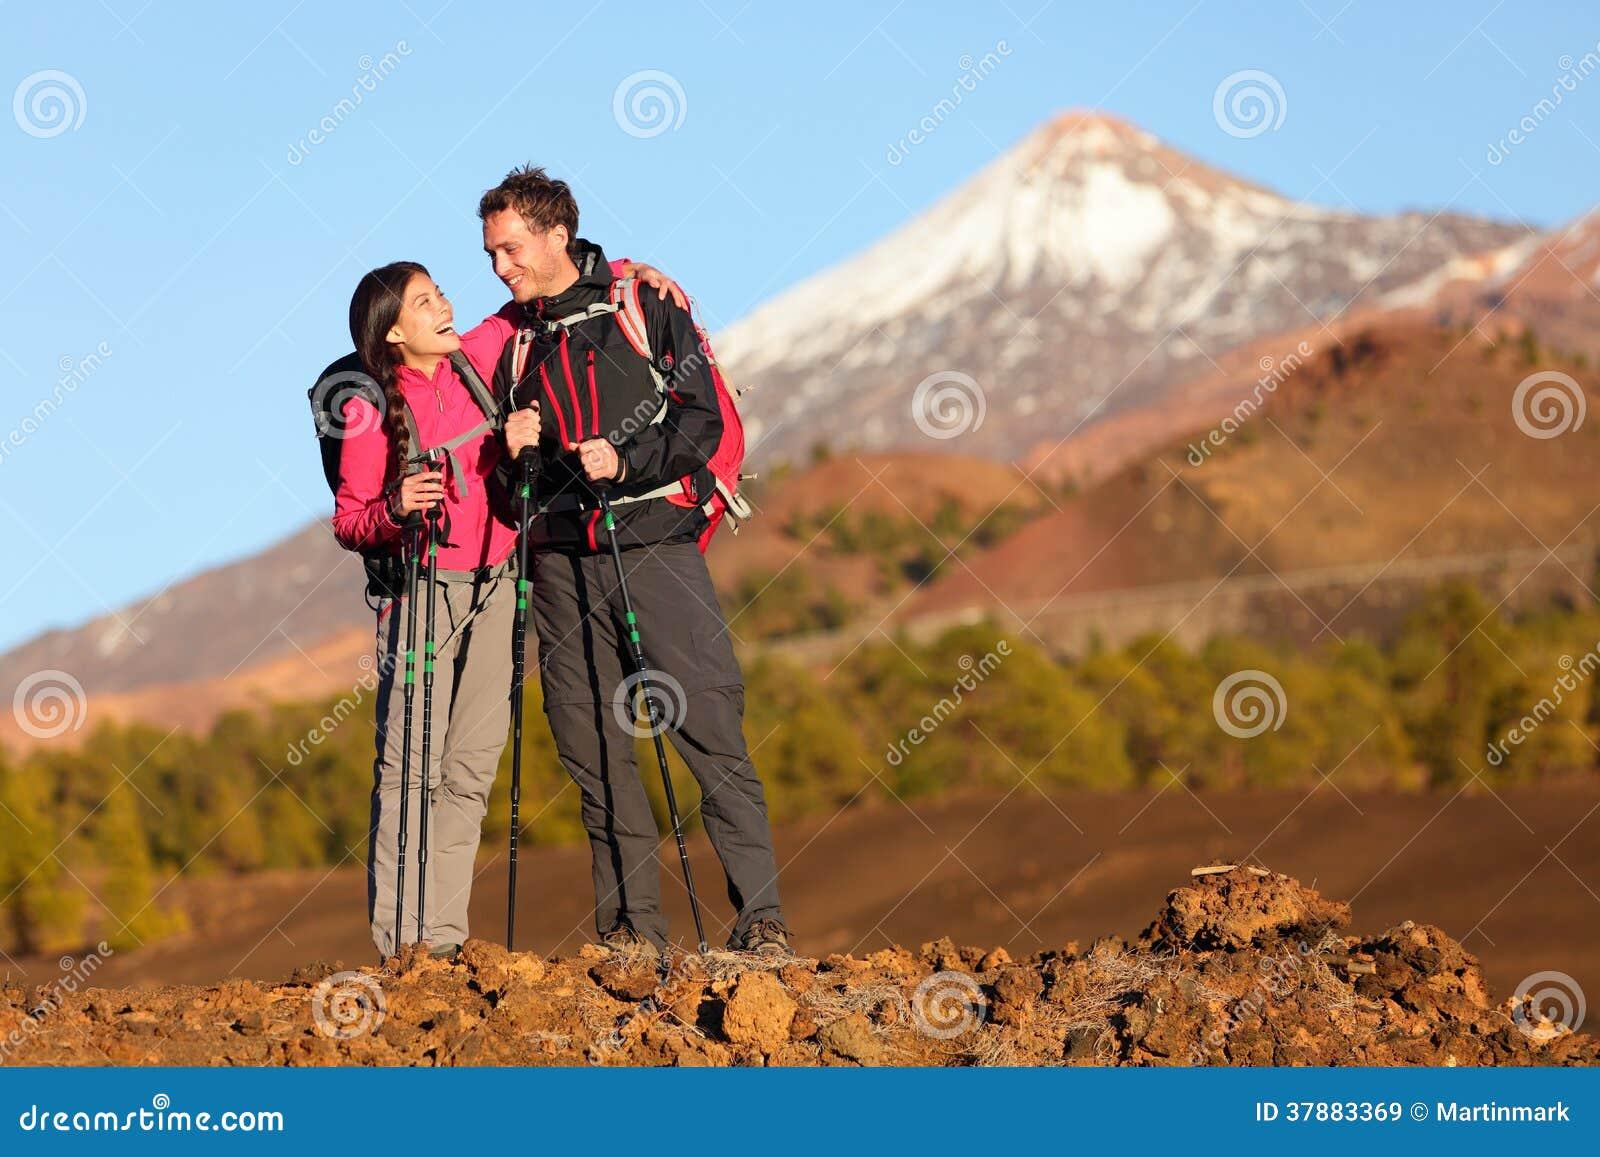 Gezonde actieve levensstijl - Wandelaarmensen wandeling